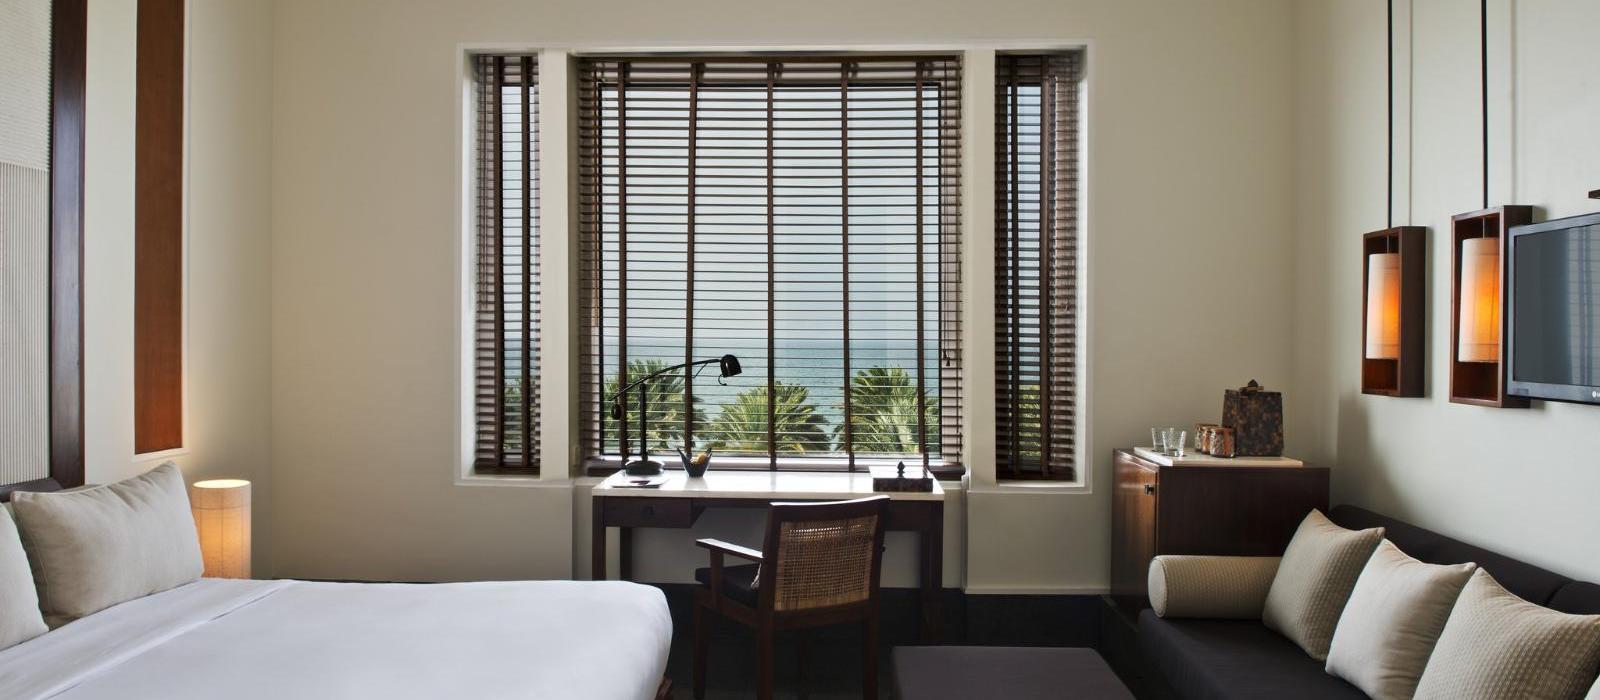 马斯喀特CHEDI度假酒店(The Chedi Muscat) 图片  www.lhw.cn